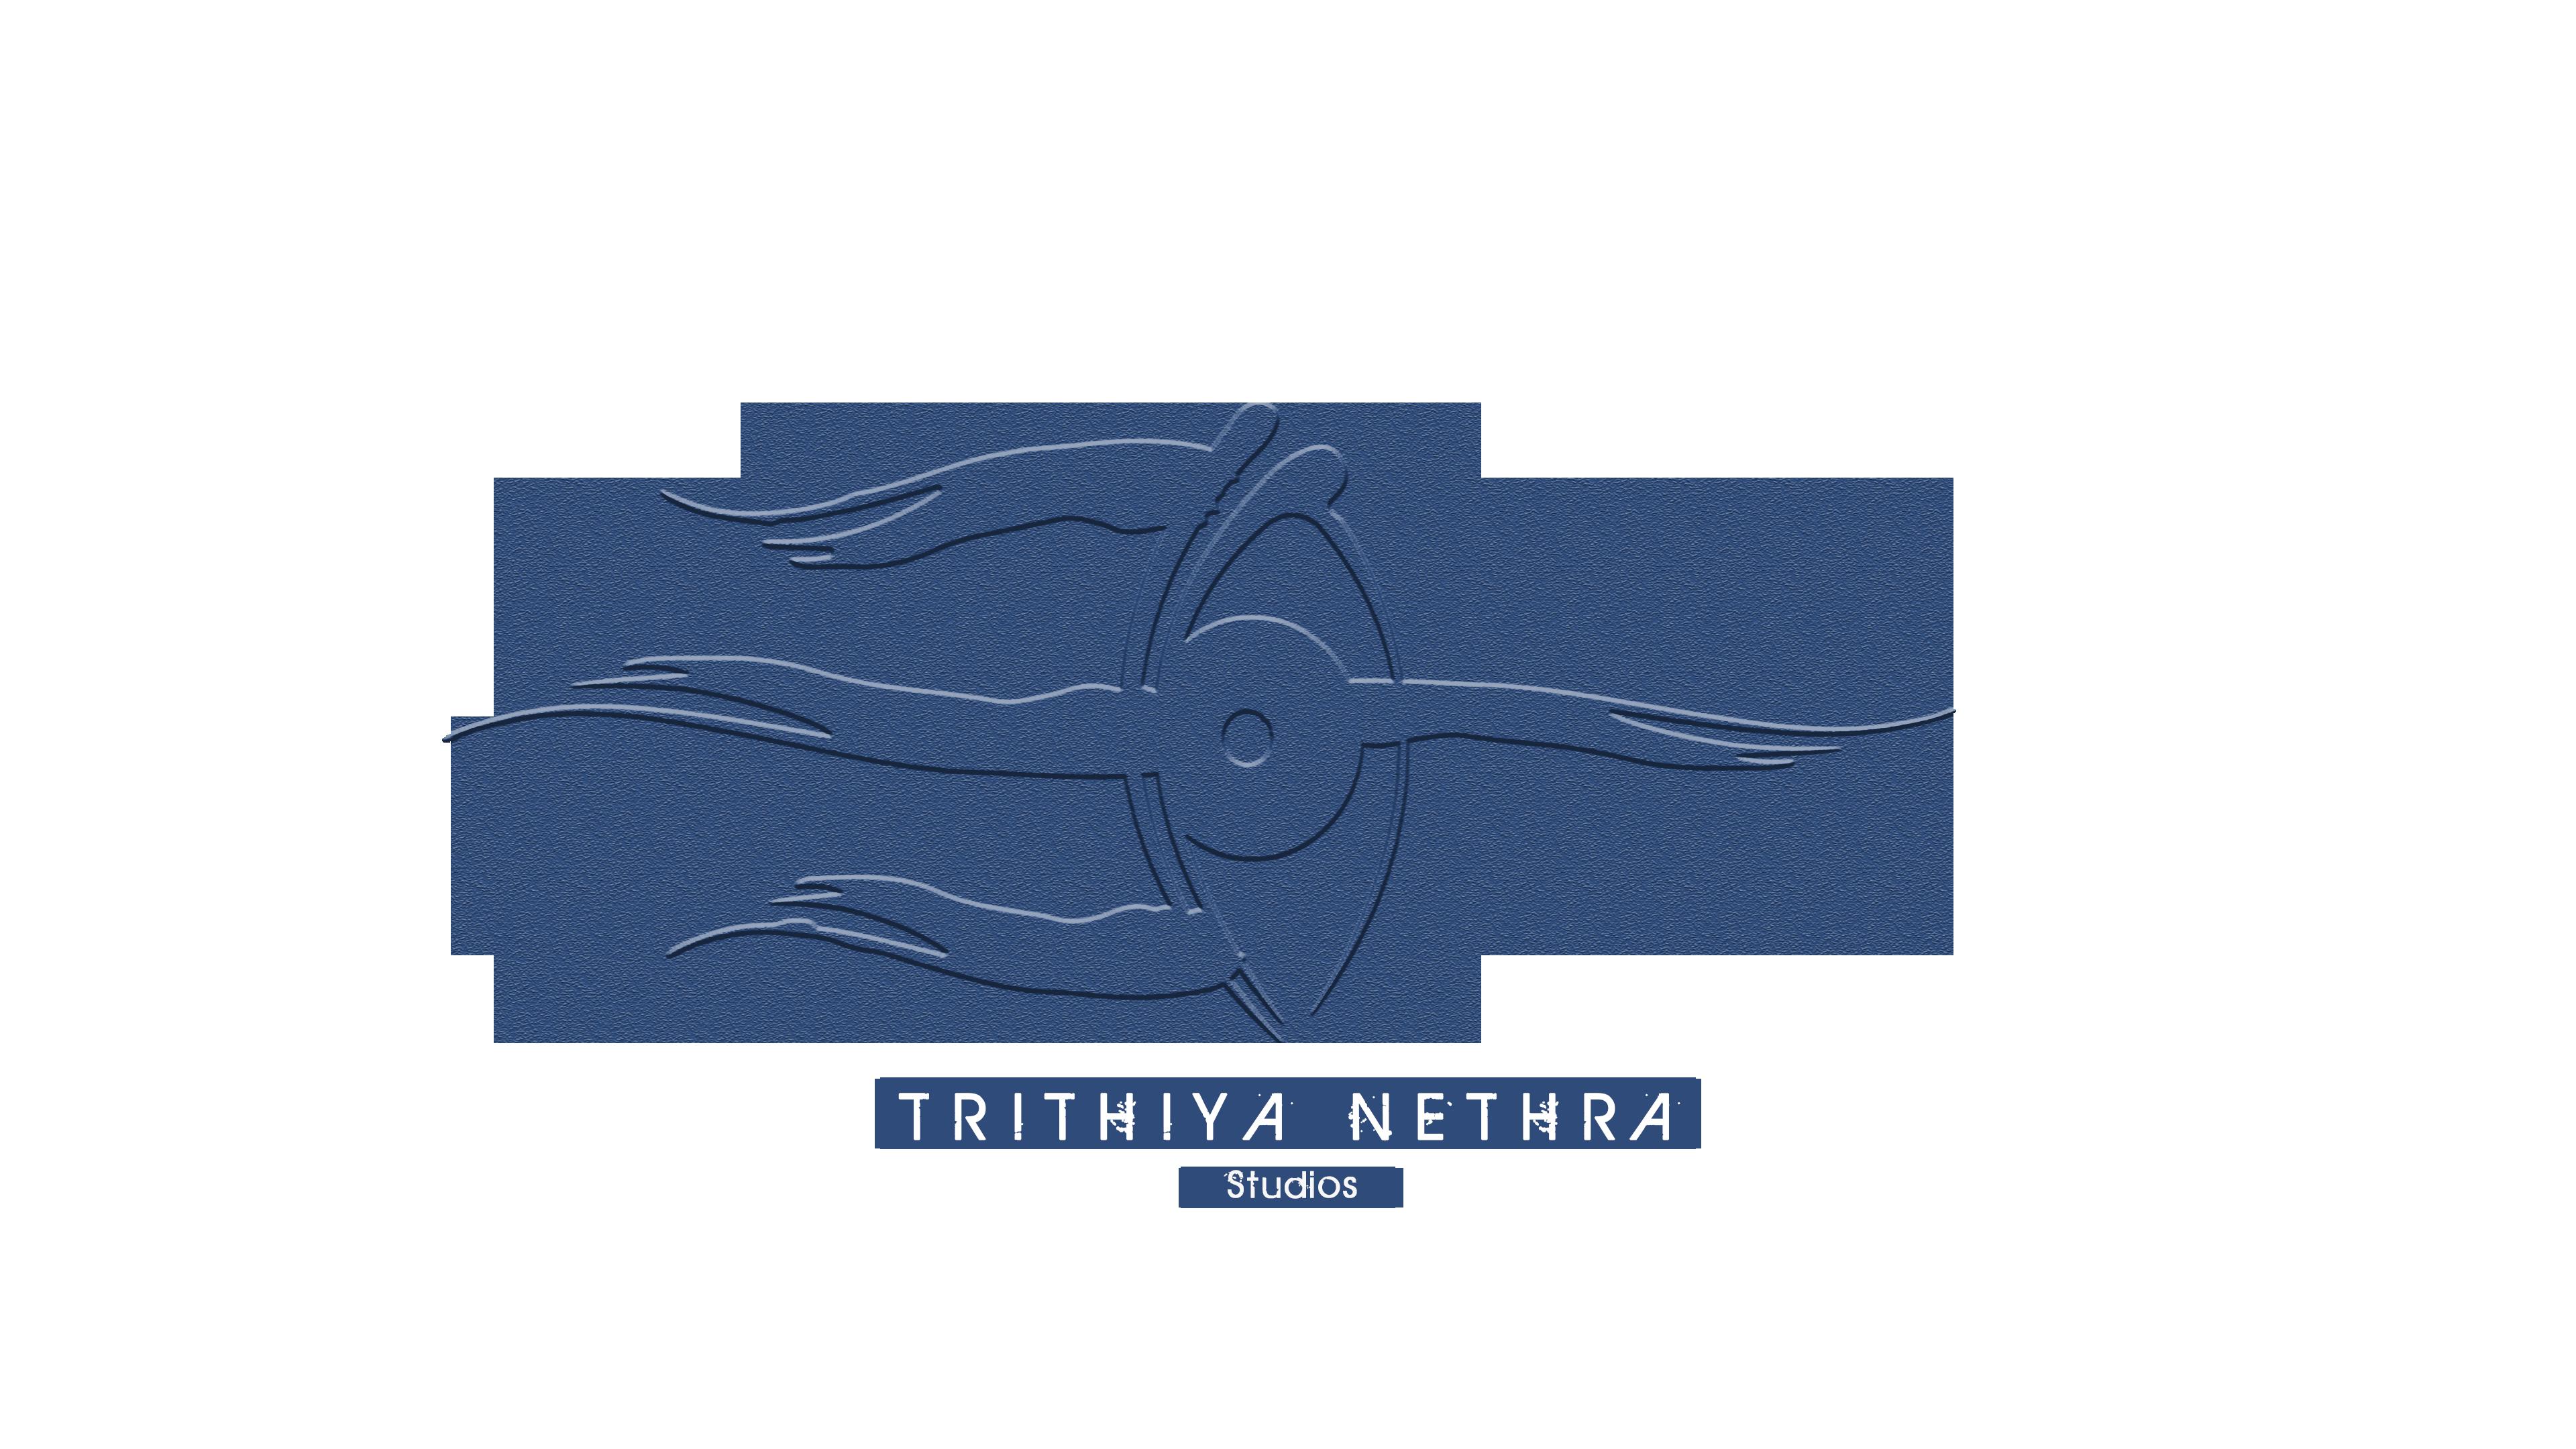 Trithiya Nethra Studios